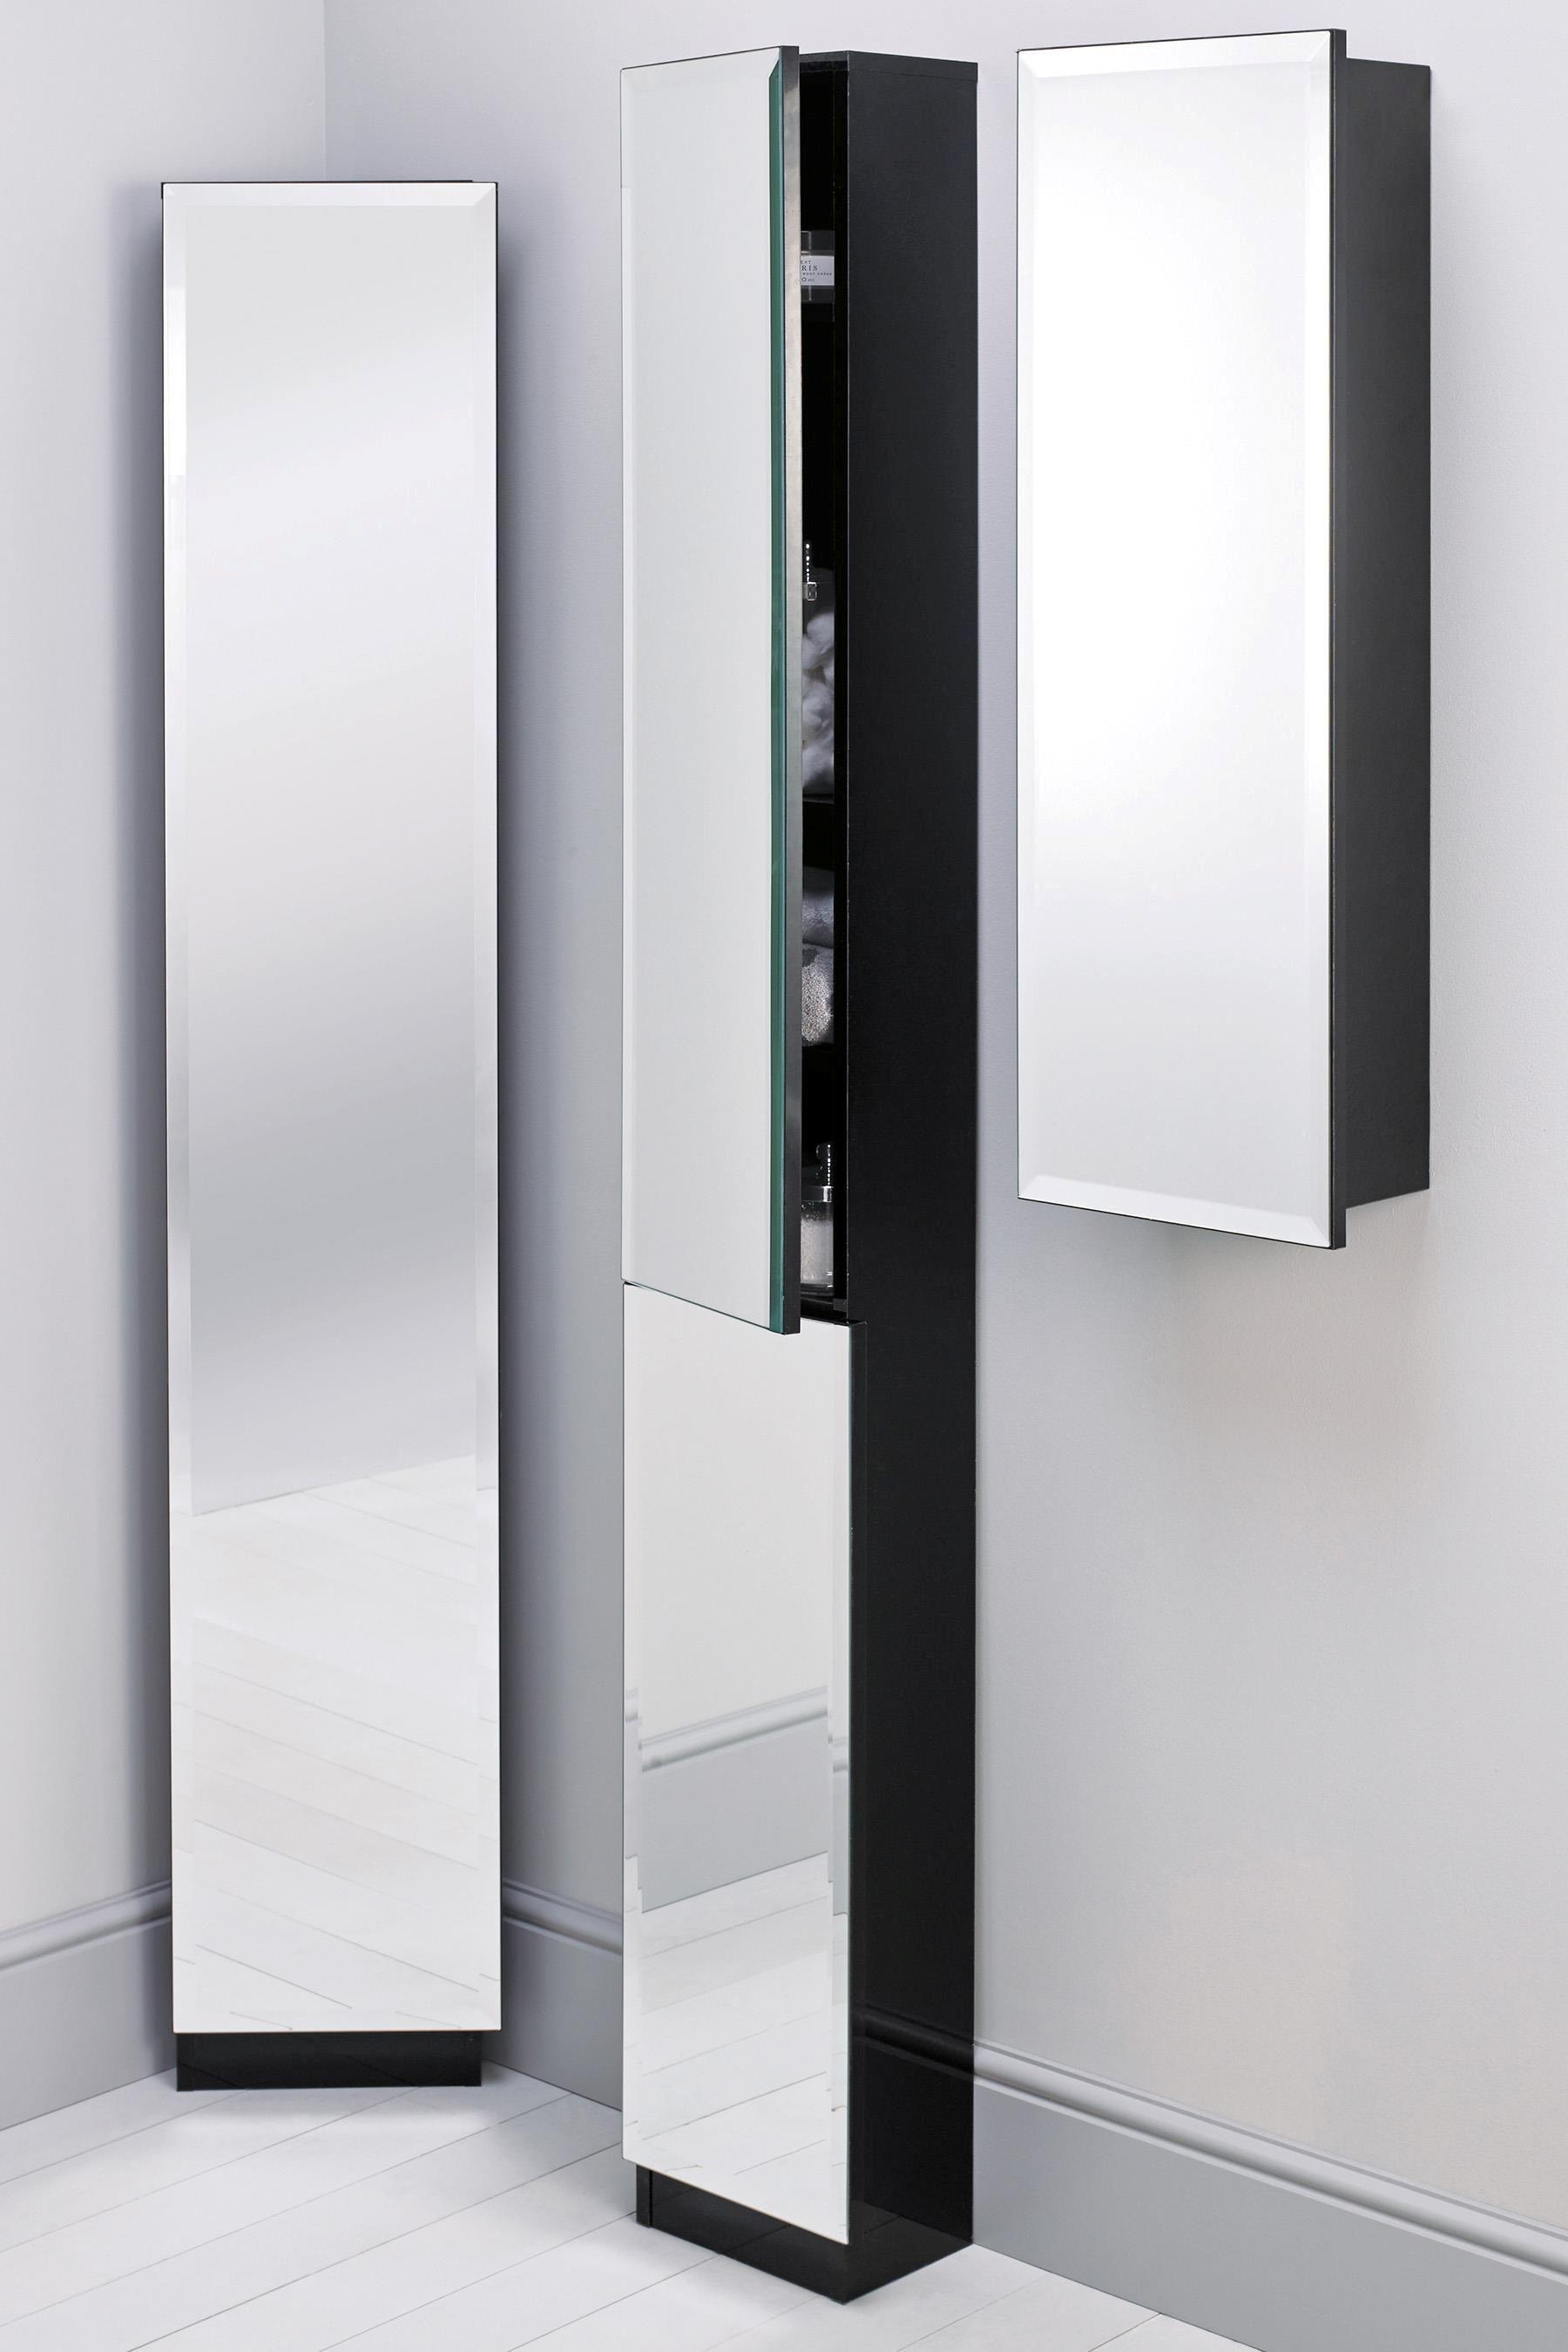 Floor Standing Mirrored Bathroom Cabinet